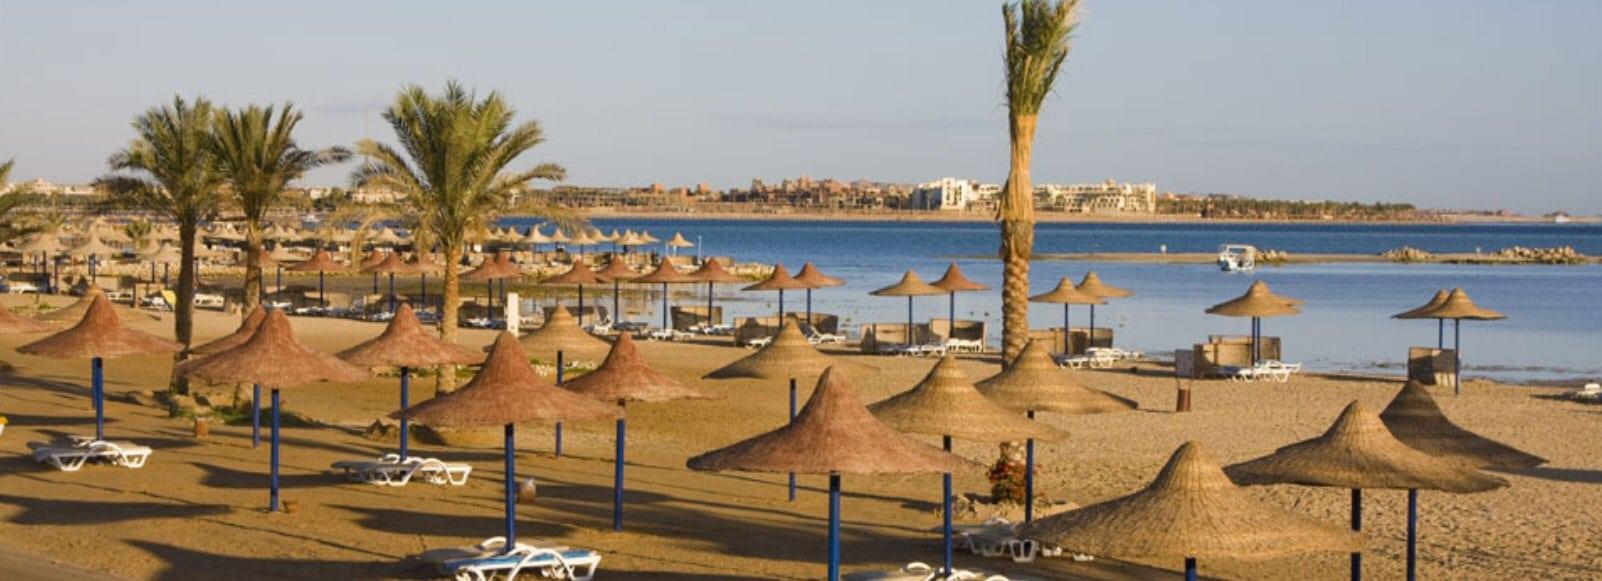 راس السدر مصر